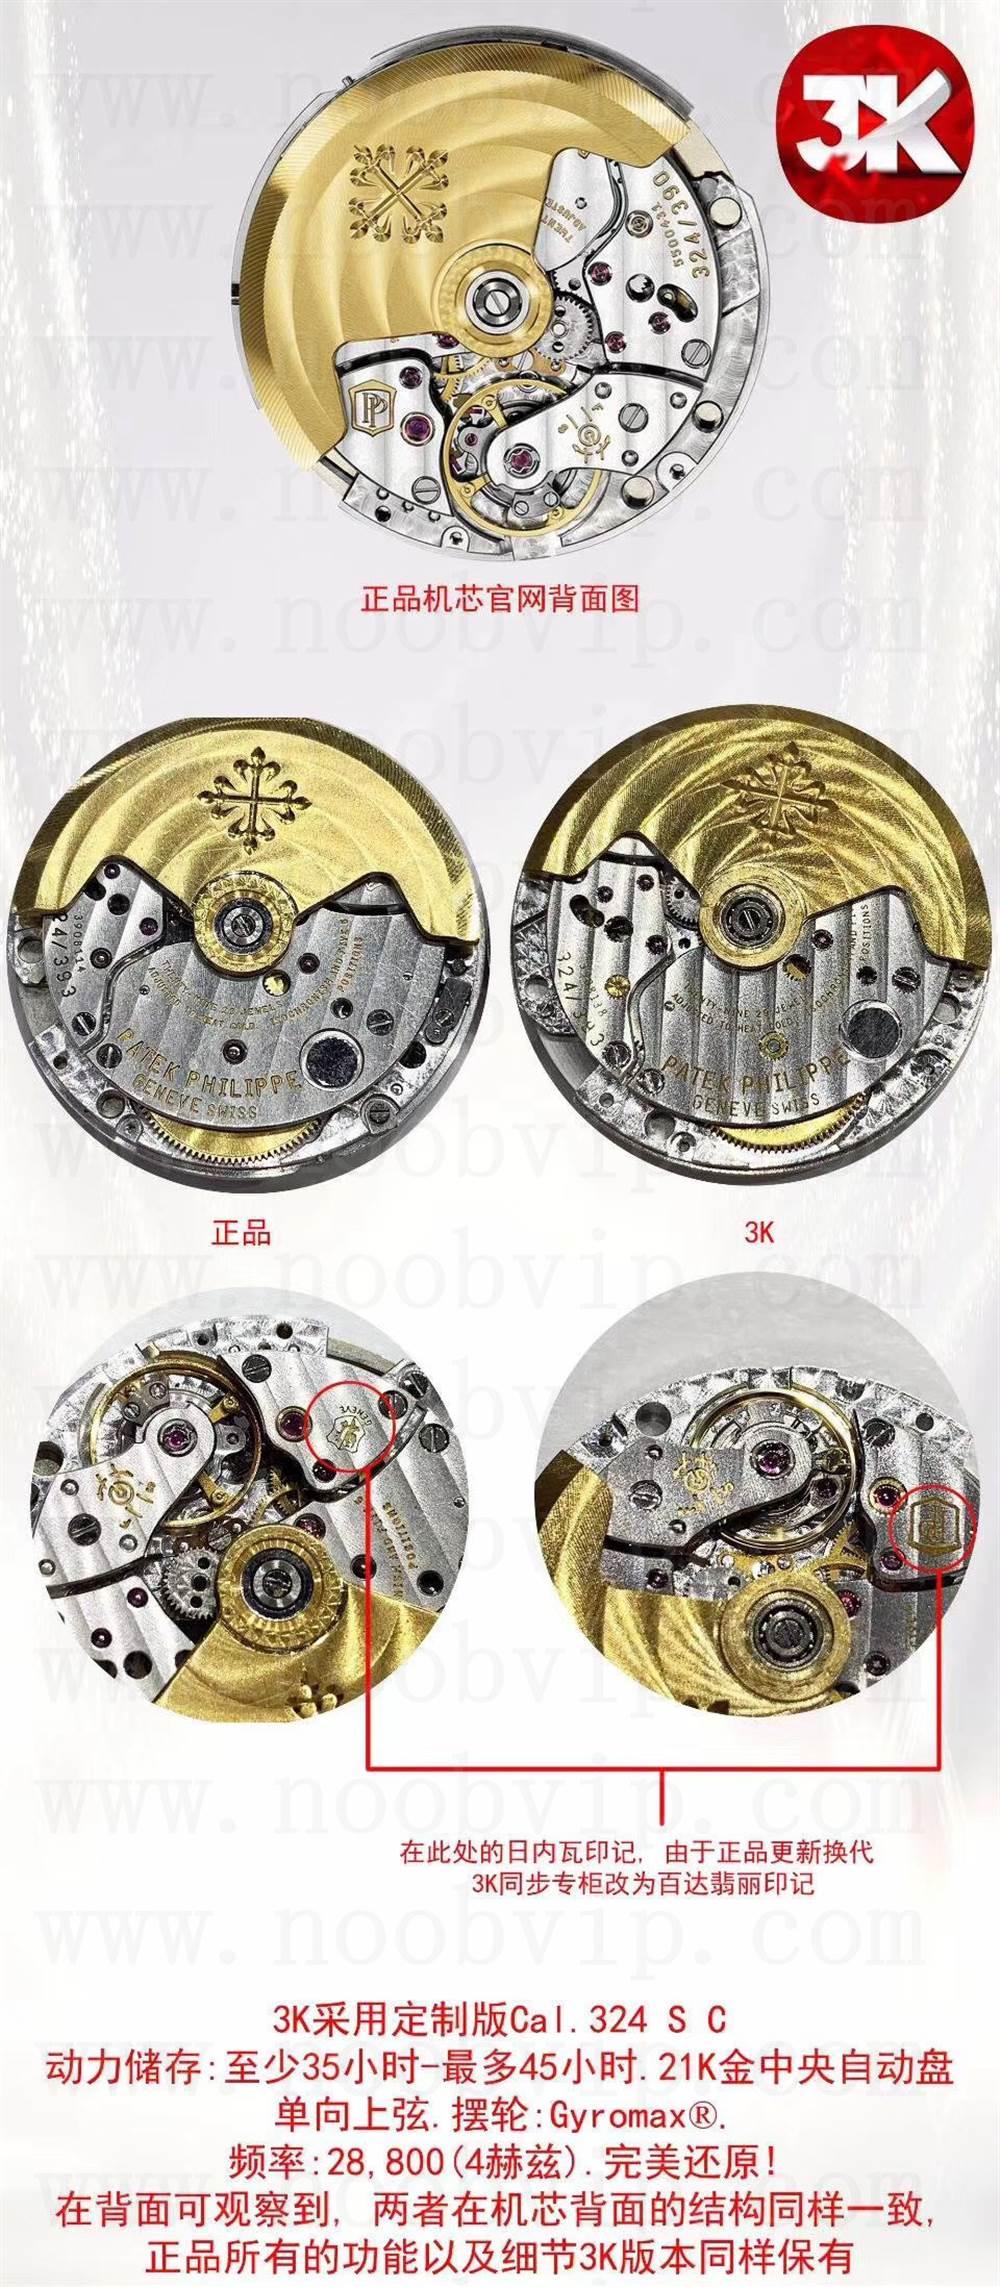 3K厂百达翡丽手表复刻表对比正品评测